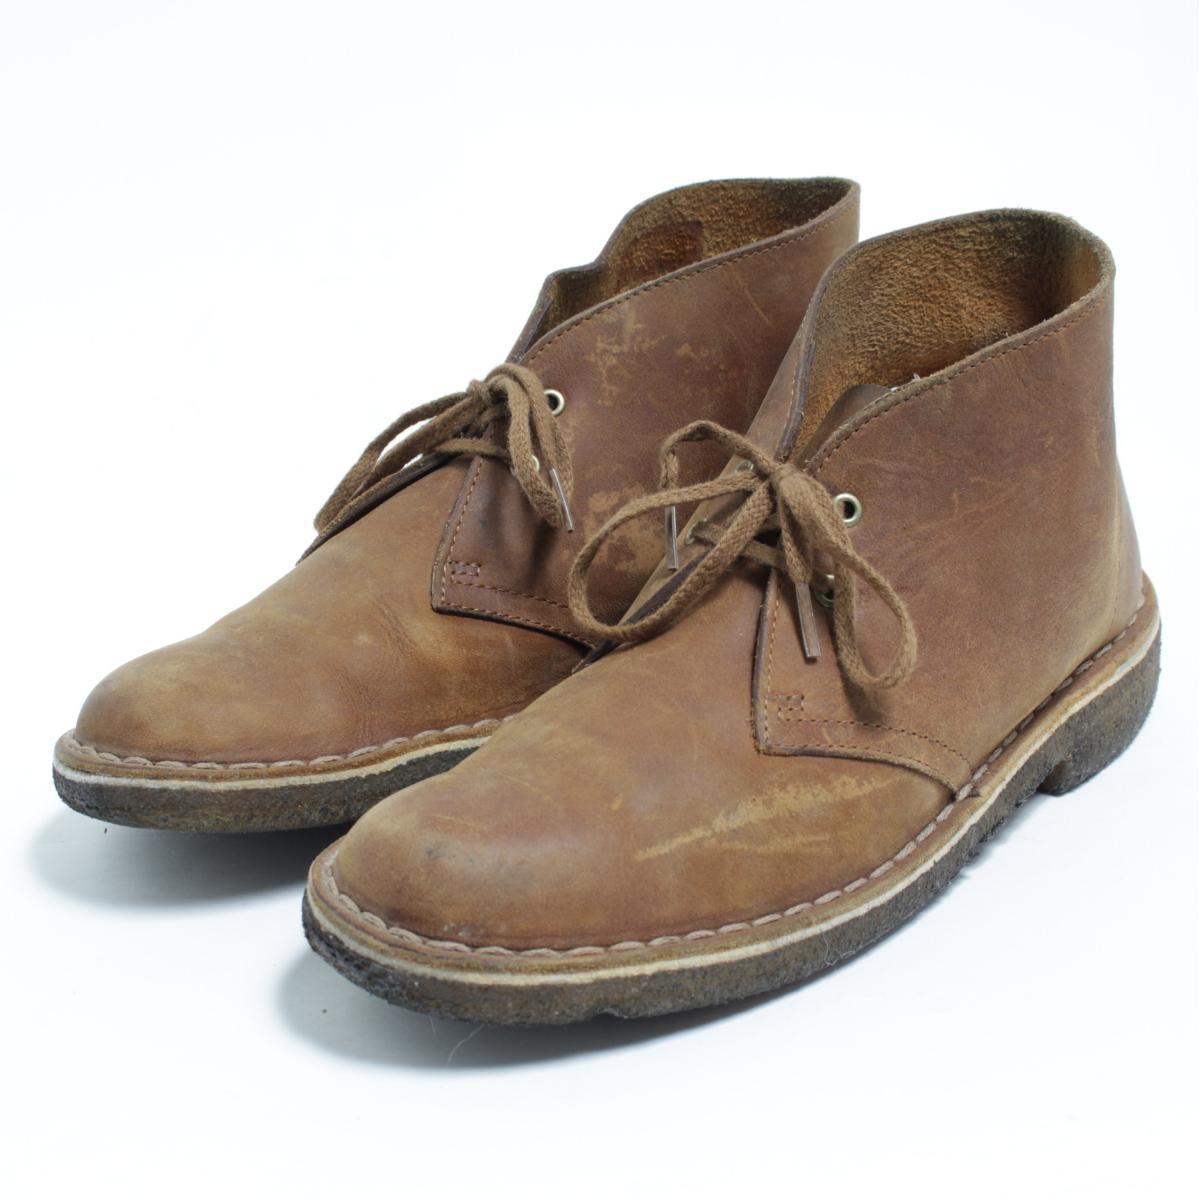 3ee36c9e Kulaki Clarks desert boots 8.5M men 25.5cm /bom2053